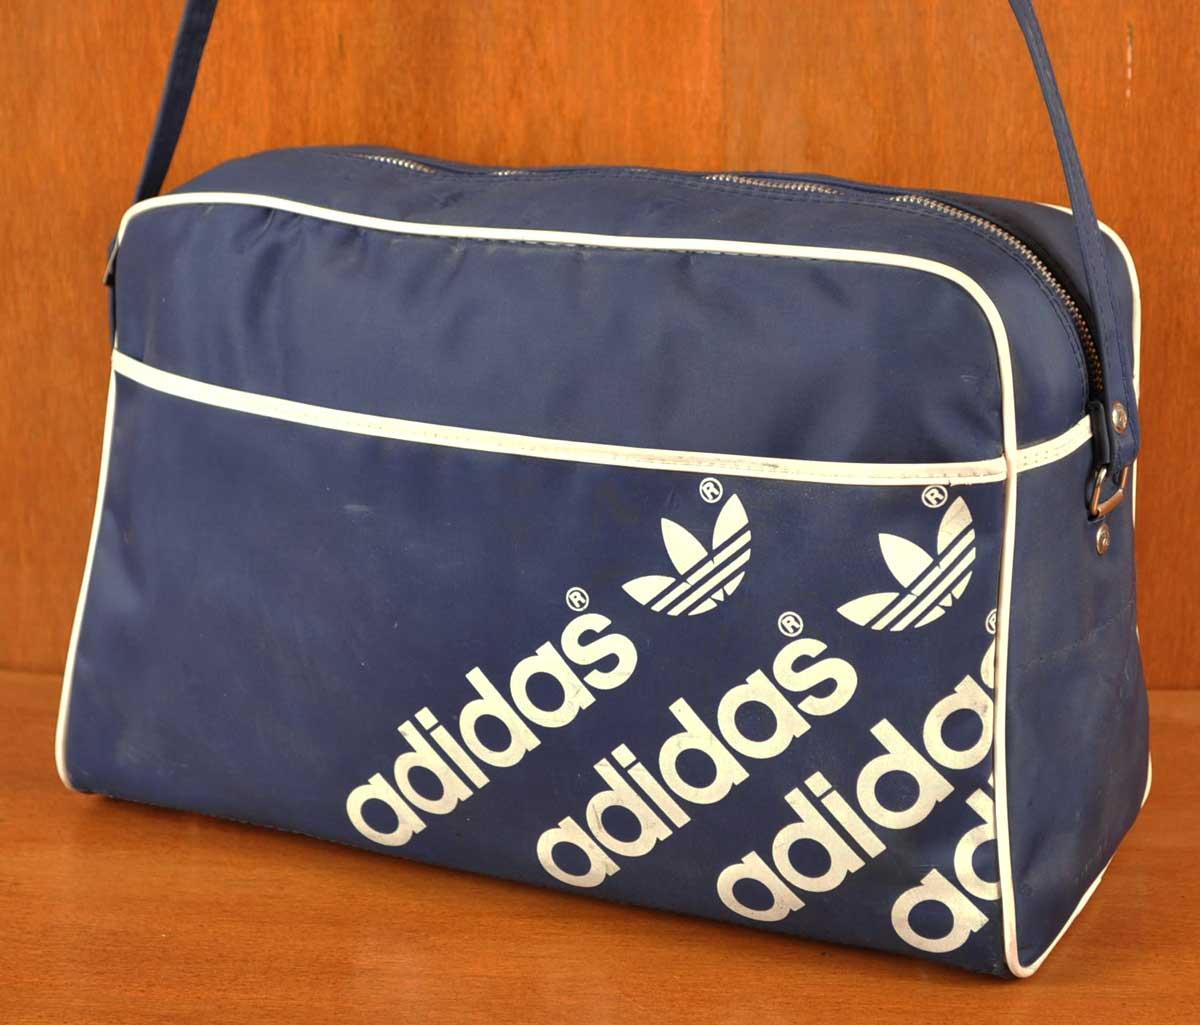 ヴィンテージ 1980年代初期// adidas アディダス ヴィンテージ/ 3連ロゴライン ナイロン adidas スポーツ ショルダーバッグ/ ネイビー×ホワイト【中古】▽, キープイット:ca0da507 --- officewill.xsrv.jp